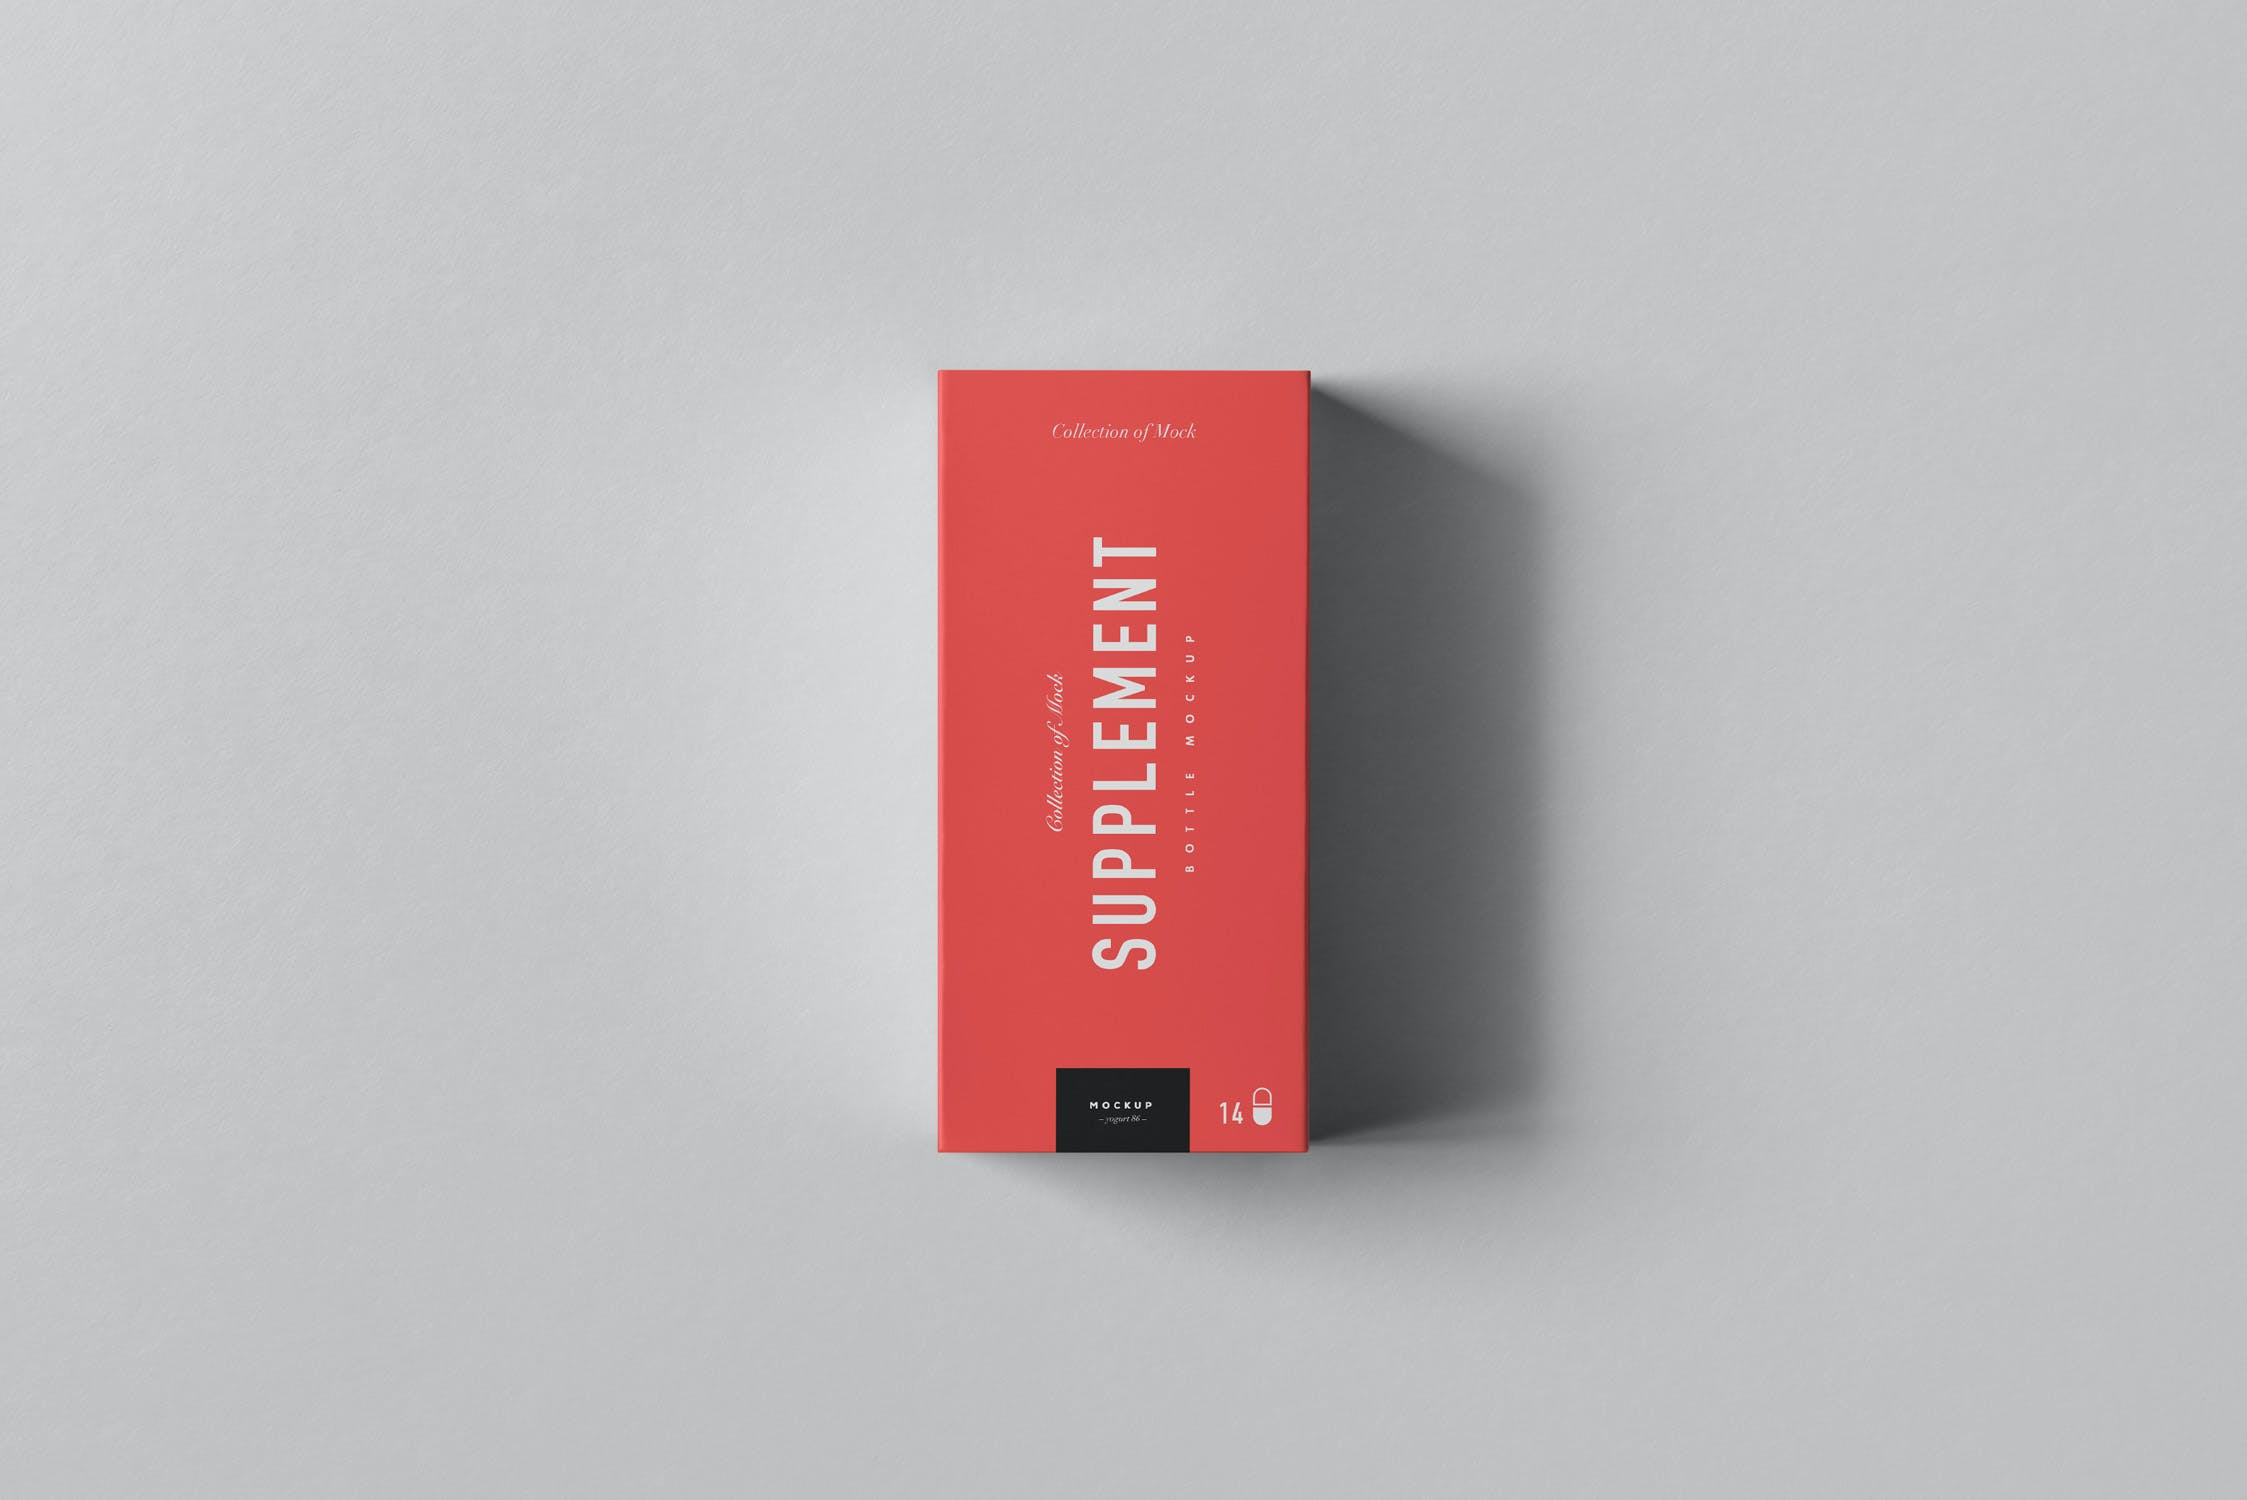 9款药物塑料补充瓶包装纸盒设计展示样机模板 Supplement Jar & Box Mockup 4插图(10)